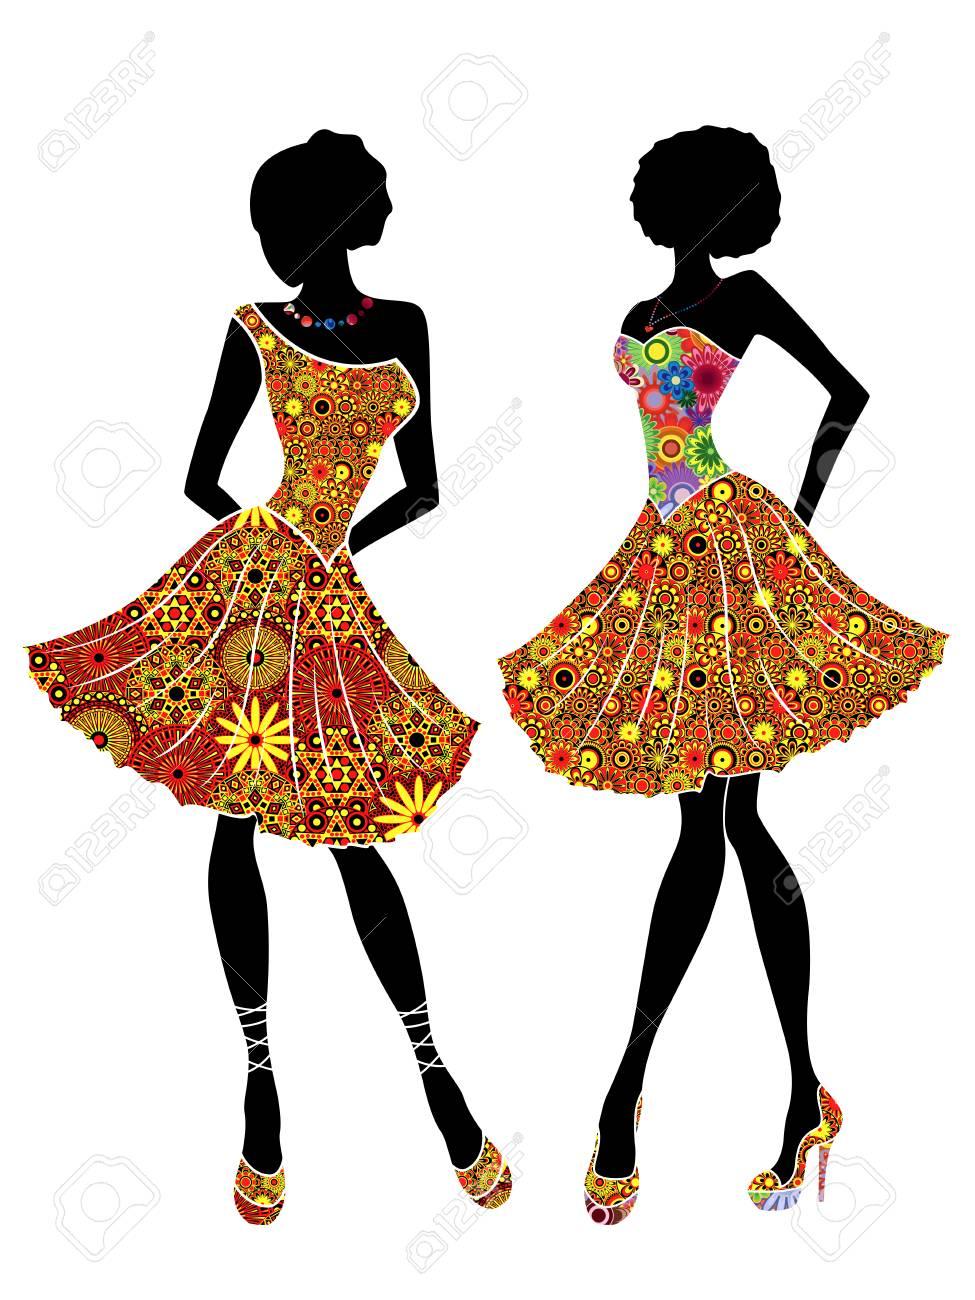 Encantadoras Señoras Agraciadas Con Exquisita Belleza En Vestidos Cortos Y En Tacones Altos Plantillas De Vector En Parte Se Llenan De Flores De